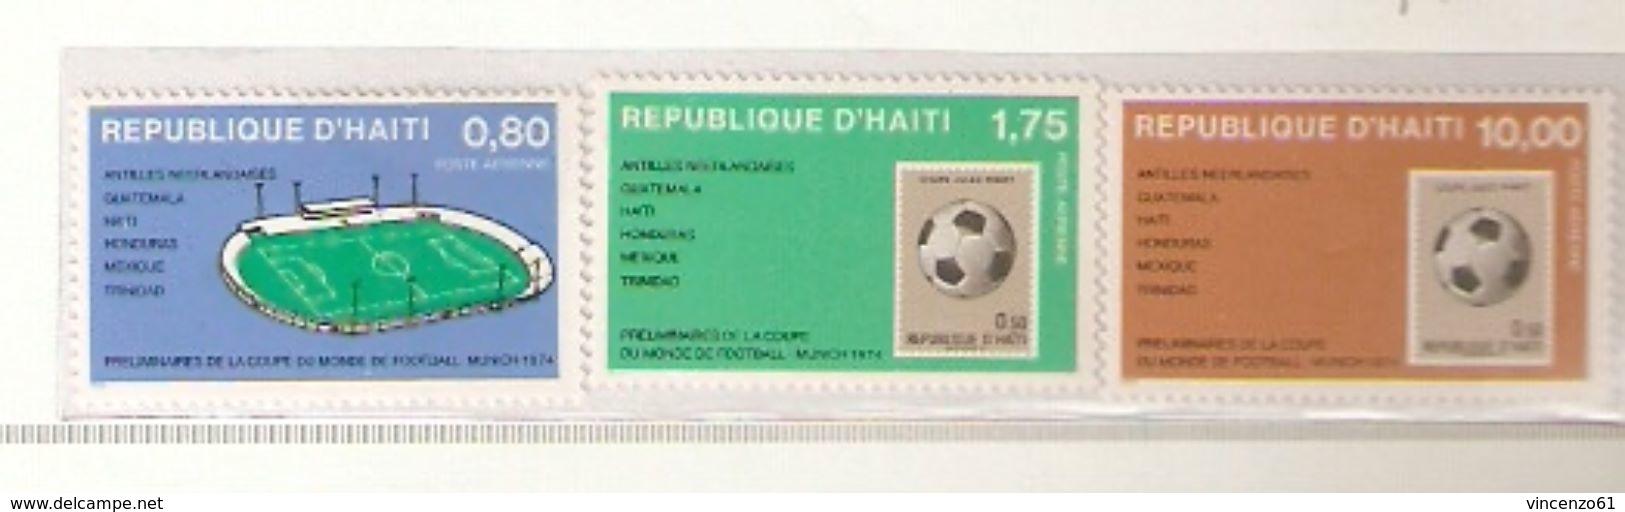 REPUBLIQUE D´HAITI AEREO FIFA WORLD CUP 1974 GERMANY 1974 - Coppa Del Mondo